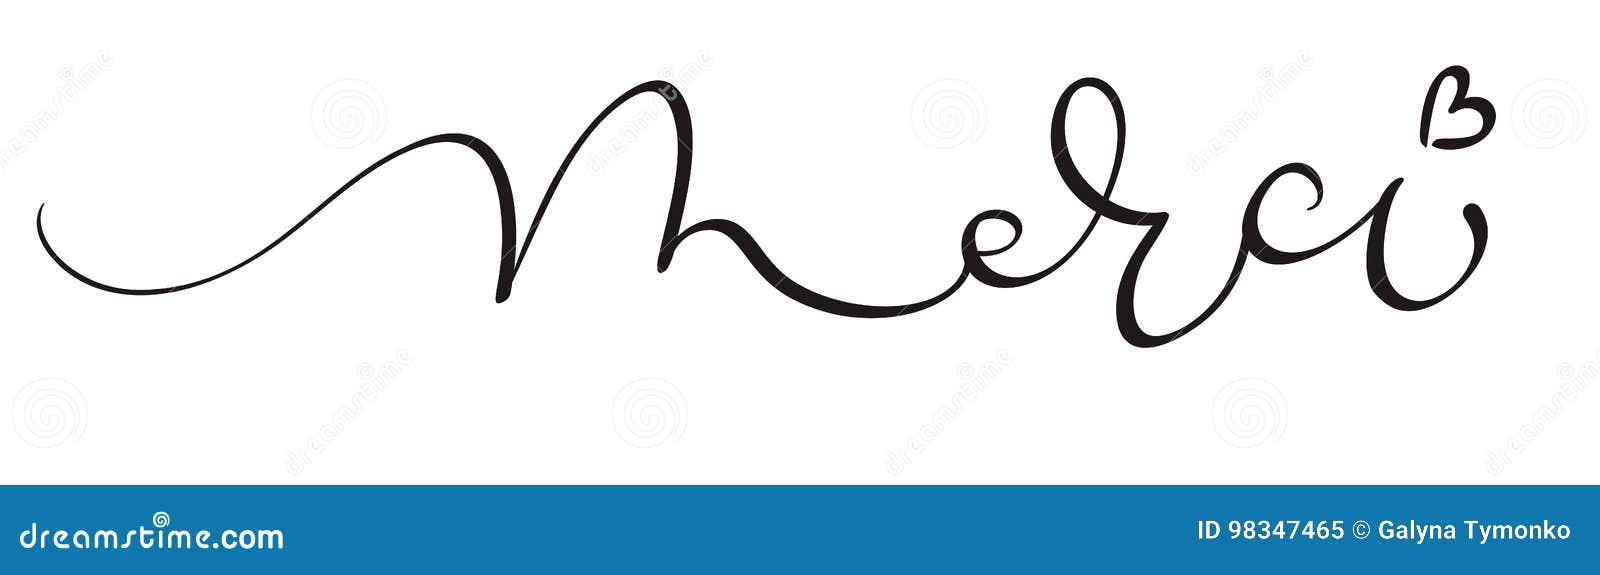 Parola di Merci su fondo bianco Illustrazione disegnata a mano EPS10 di vettore dell iscrizione di calligrafia